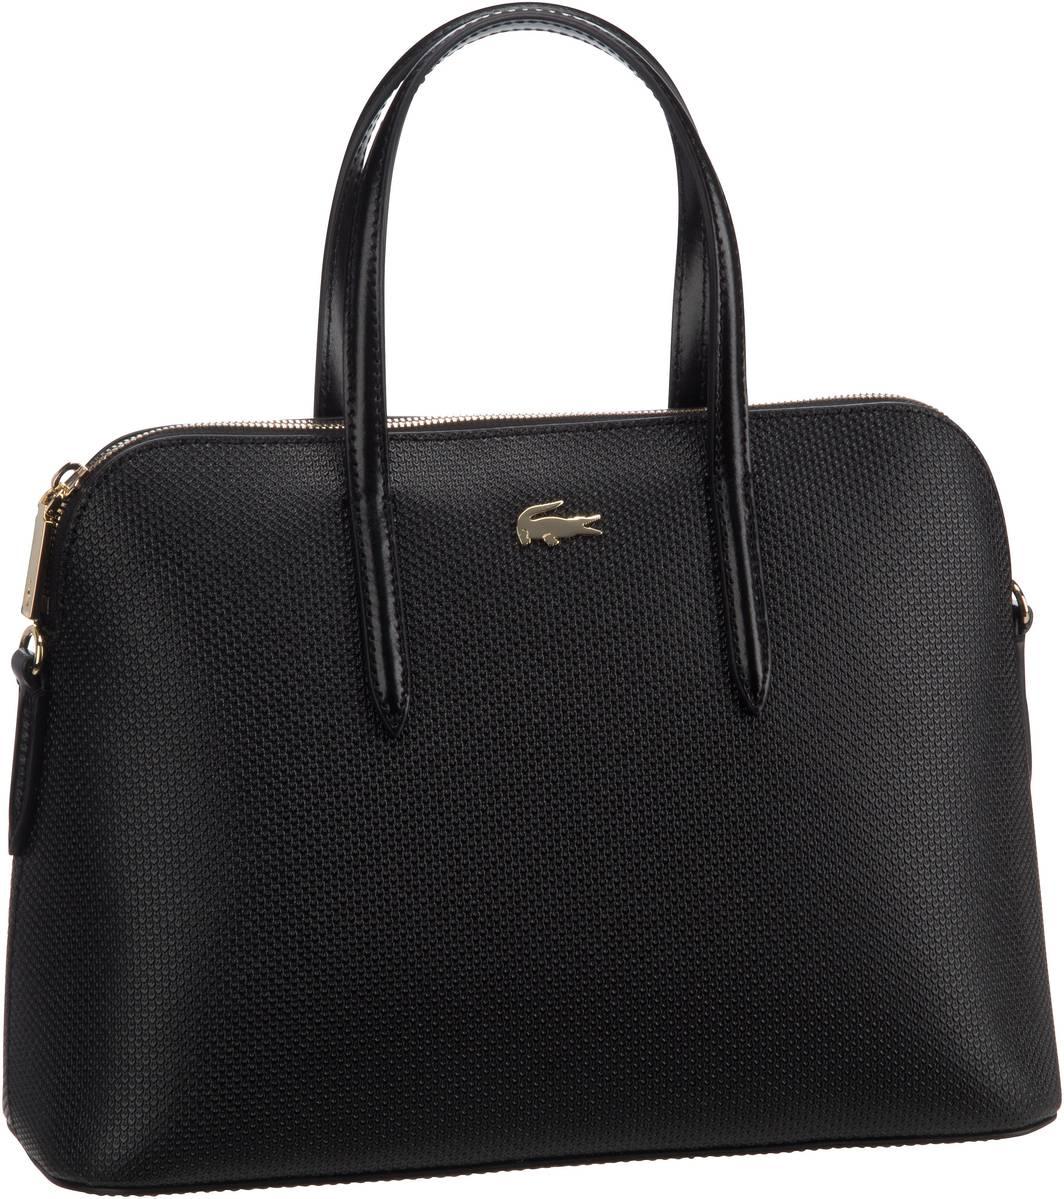 Lacoste Handtasche Bag S 2559 Black